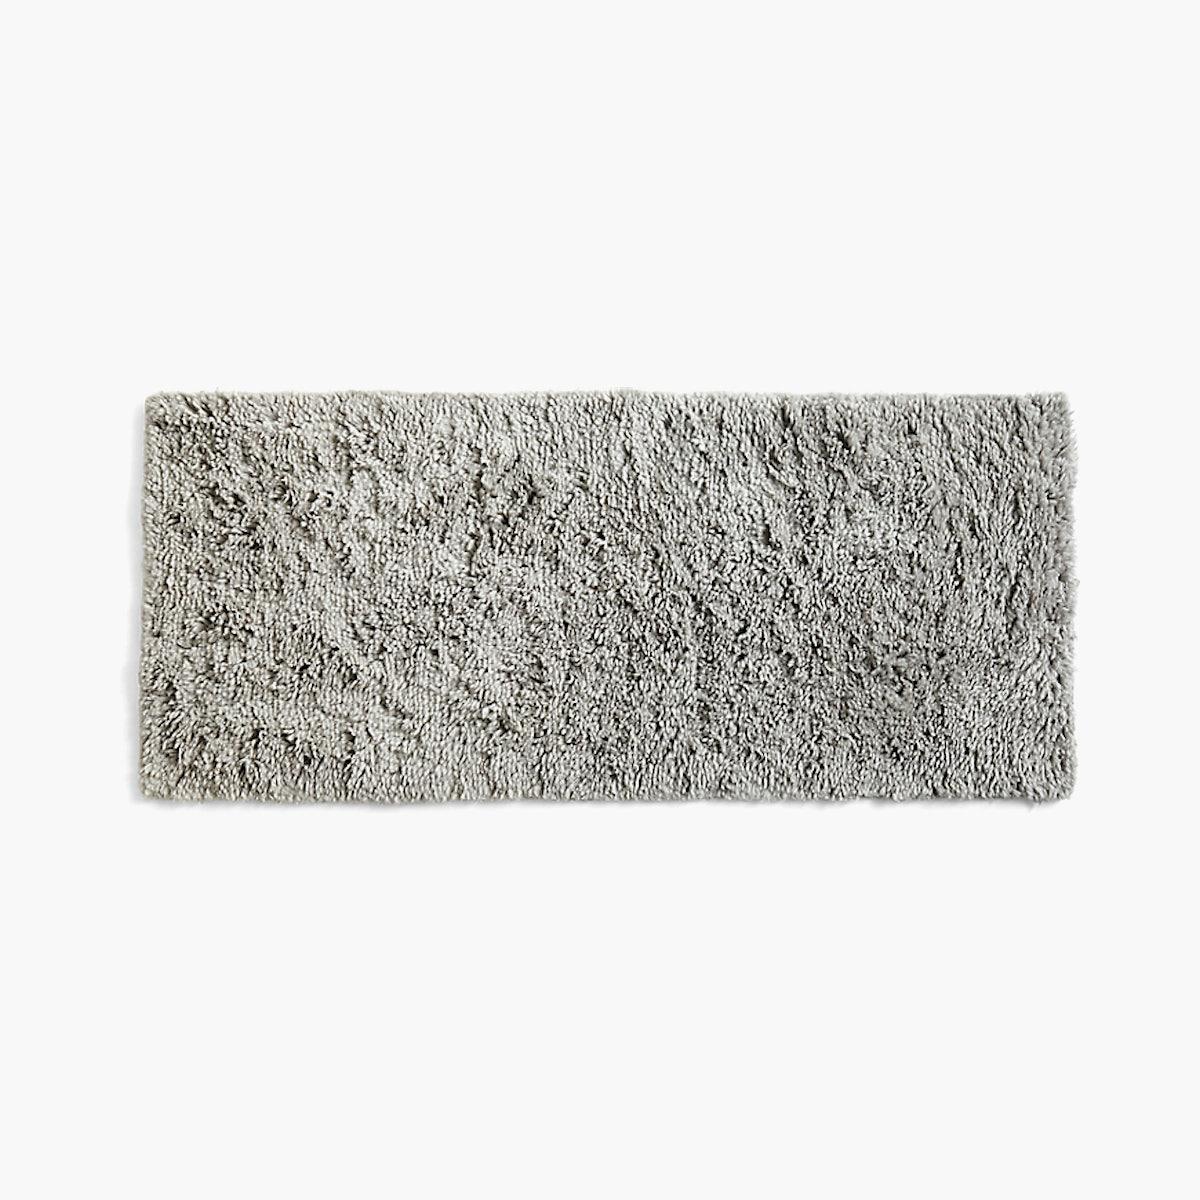 Shaggy Rug - 4.5' x 6.5' - Warm Grey